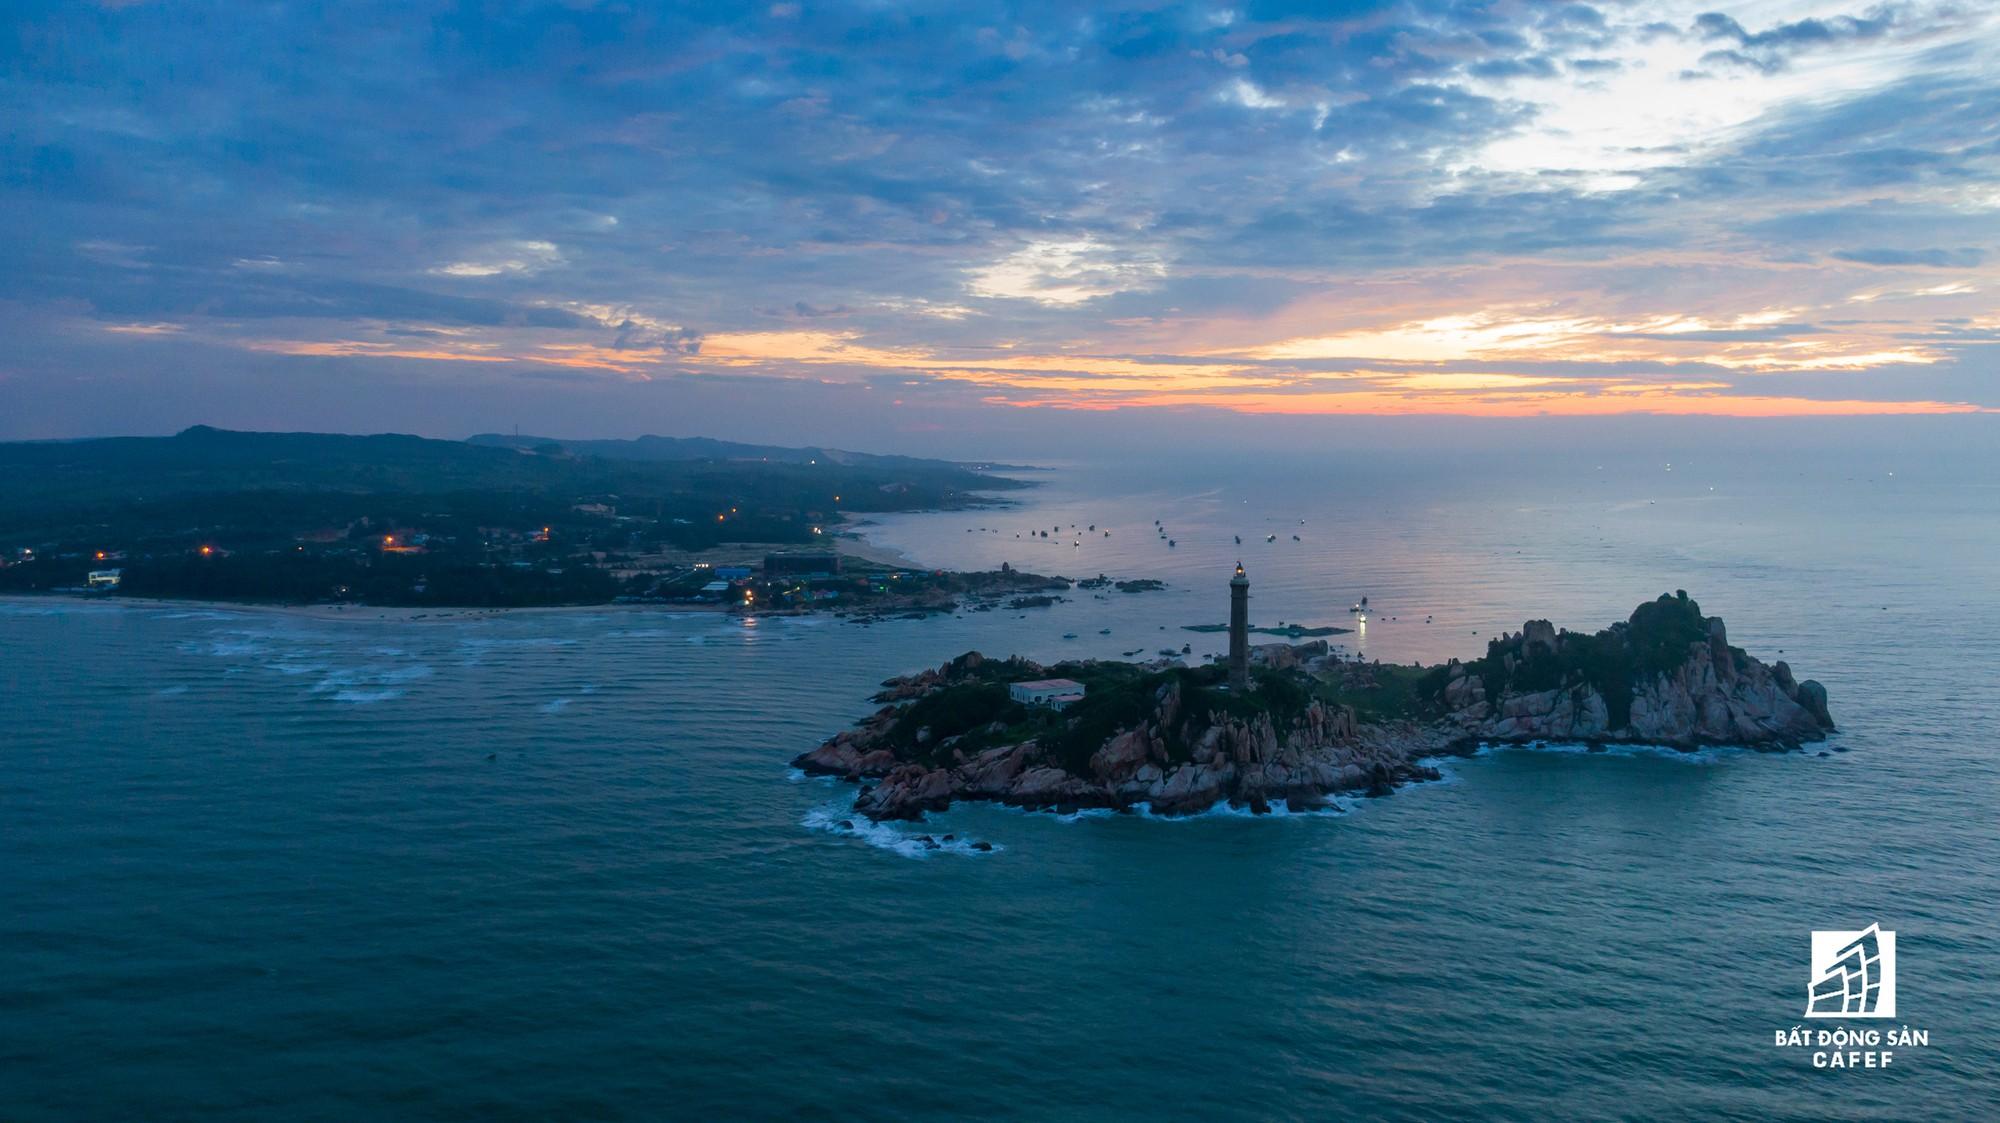 Quy hoạch thành khu du lịch quốc gia, dải ven biển này đang đón dòng vốn hàng tỷ USD, giá đất tăng chóng mặt - Ảnh 28.